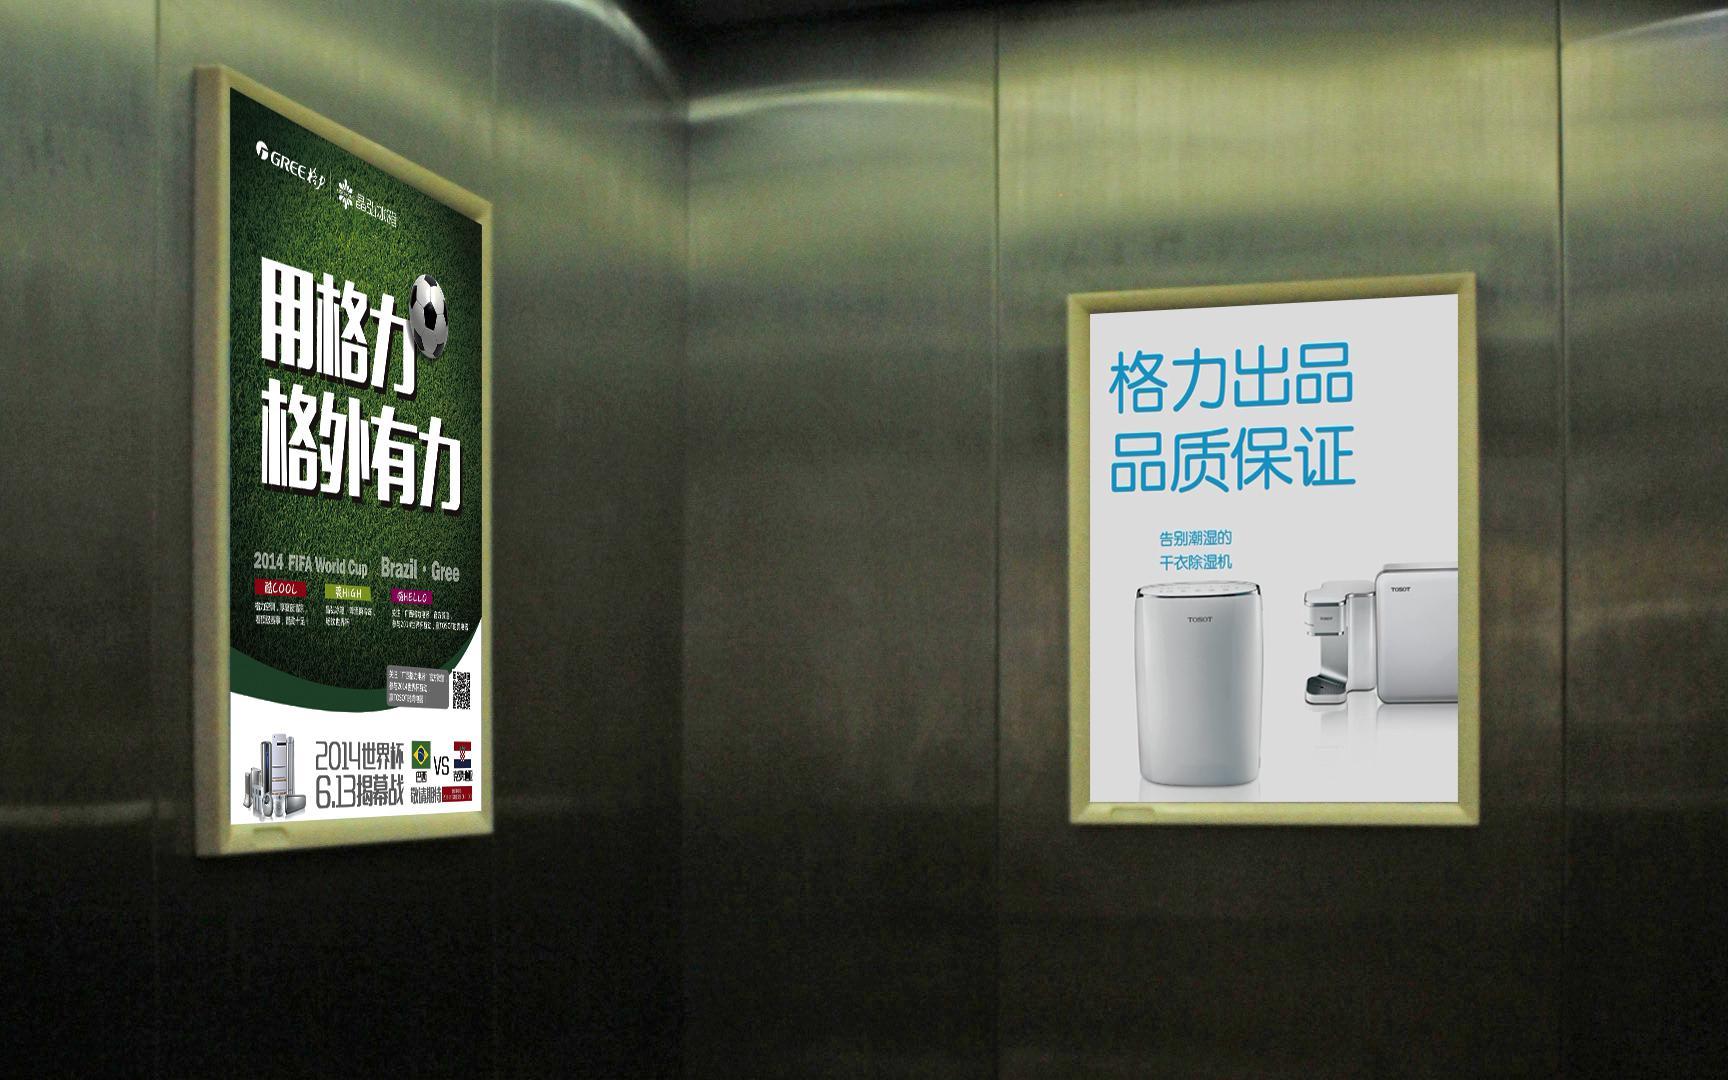 广州社区电梯框架广告/电梯内框架广告价格/分众电梯广告价格表/楼宇传媒电梯广告/电梯门封面广告/专业电梯广告公司